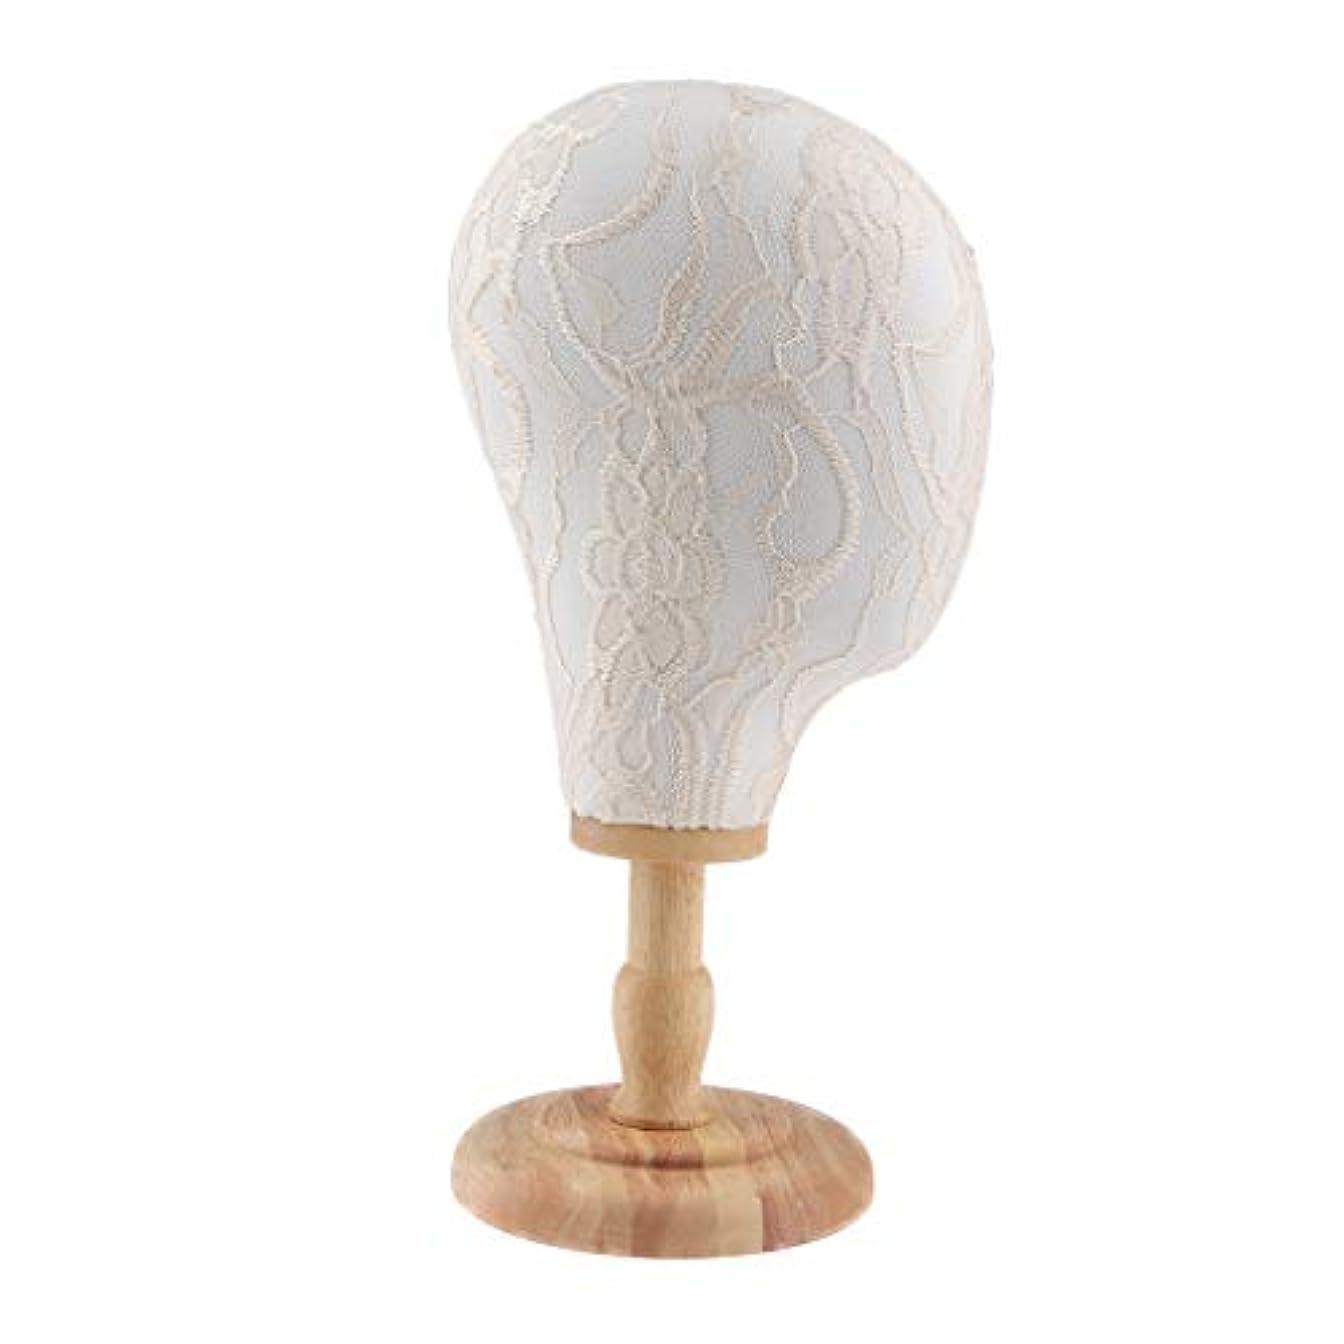 シェードアミューズメントセクタSM SunniMix マネキンヘッド ディスプレイ 帽子 ハット ウィッグ 収納 スタンド 展示ラック 4タイプ選べ - ホワイトスタンド